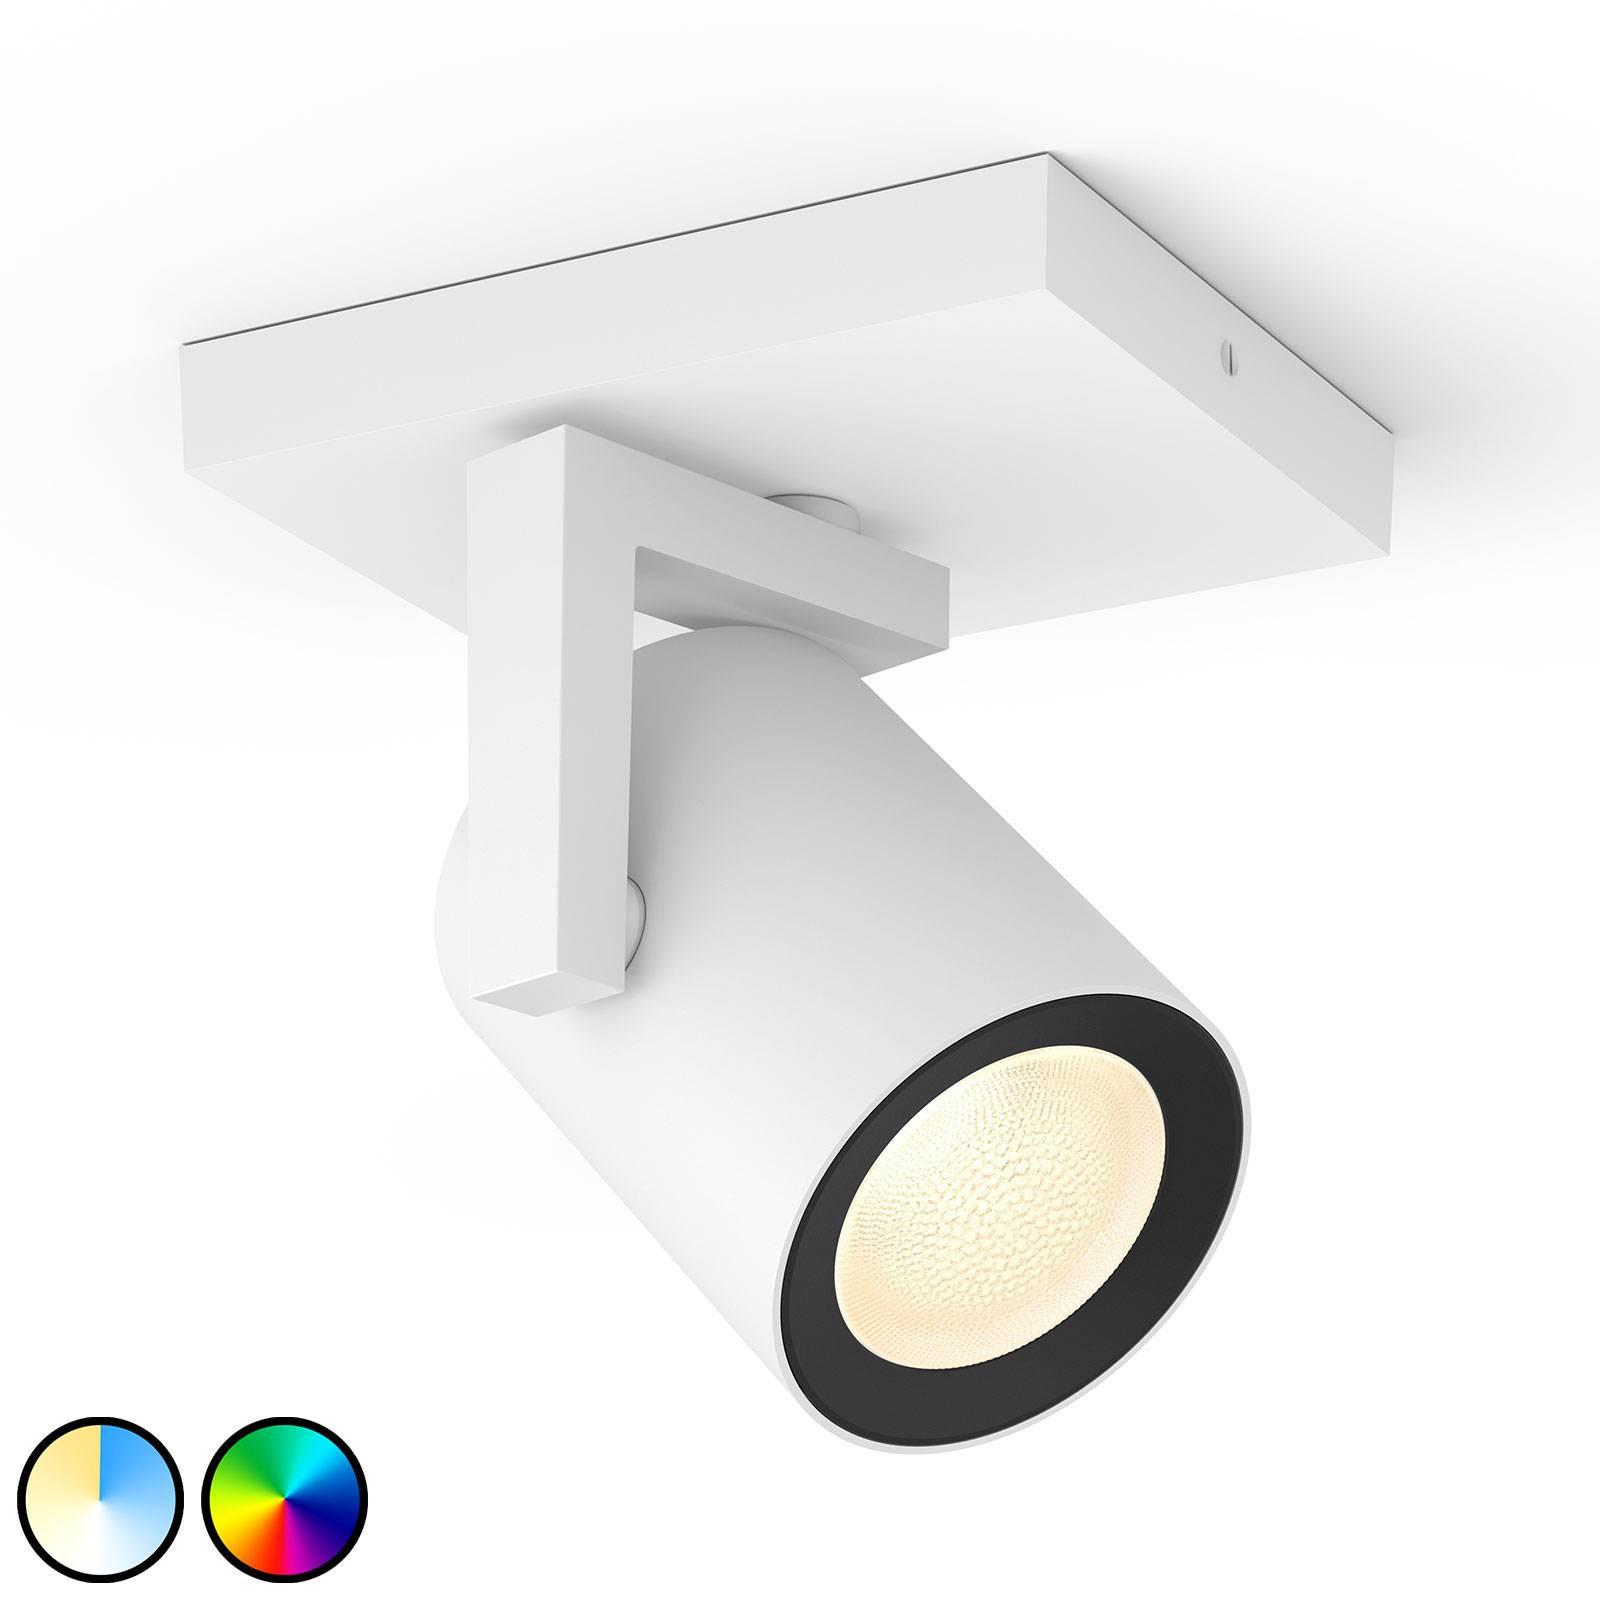 Philips Hue Argenta LED-spotti 1-lamp. valkoinen